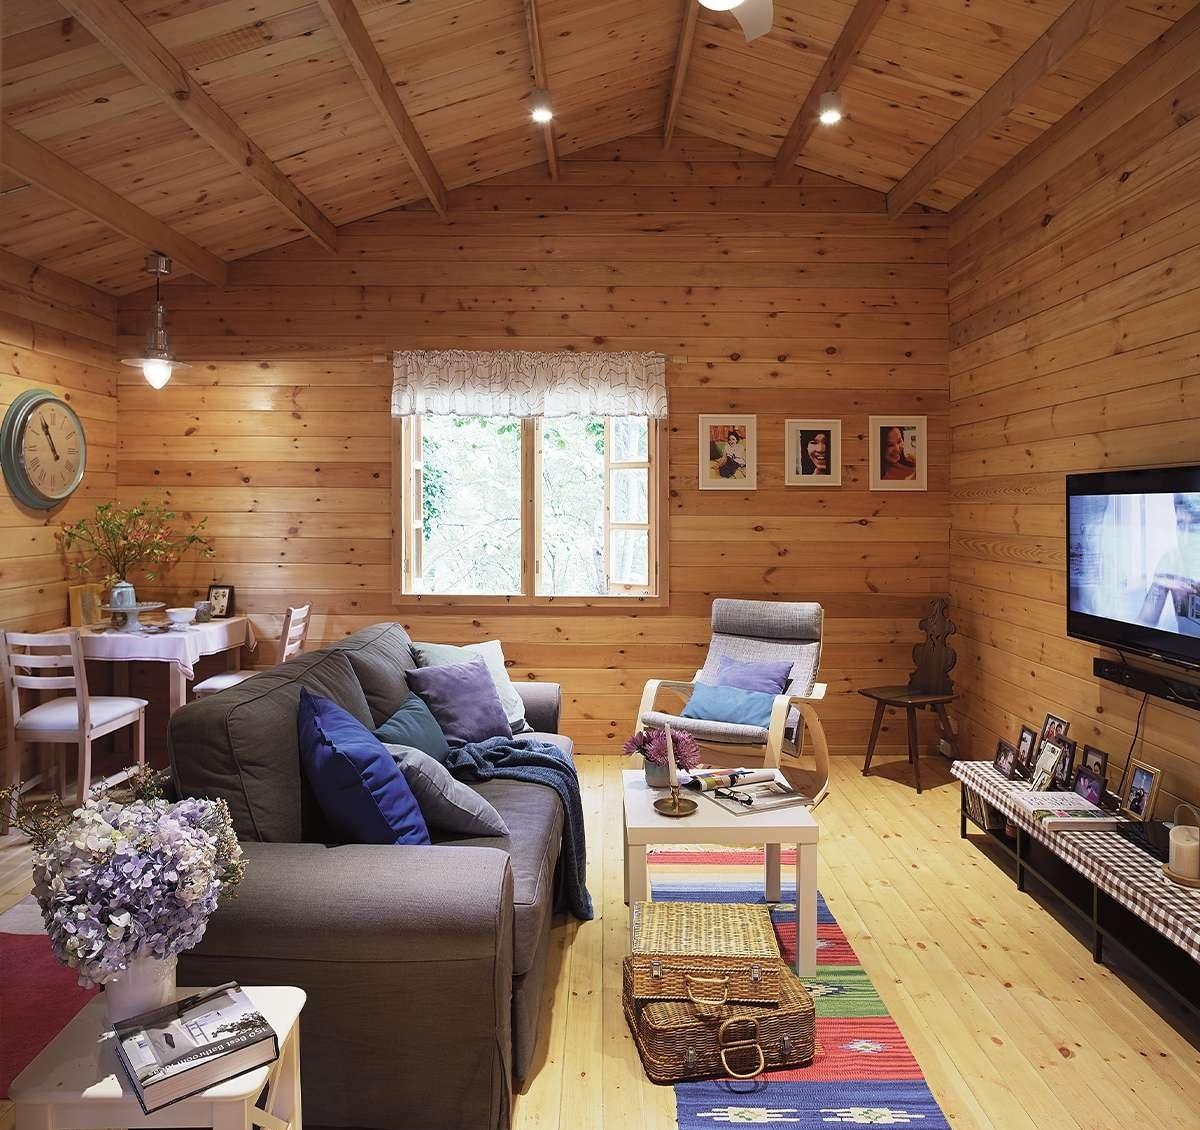 Đồ đạc, nội thất đơn giản, vui tươi, hoà hợp với màu gỗ thông của căn nhà.